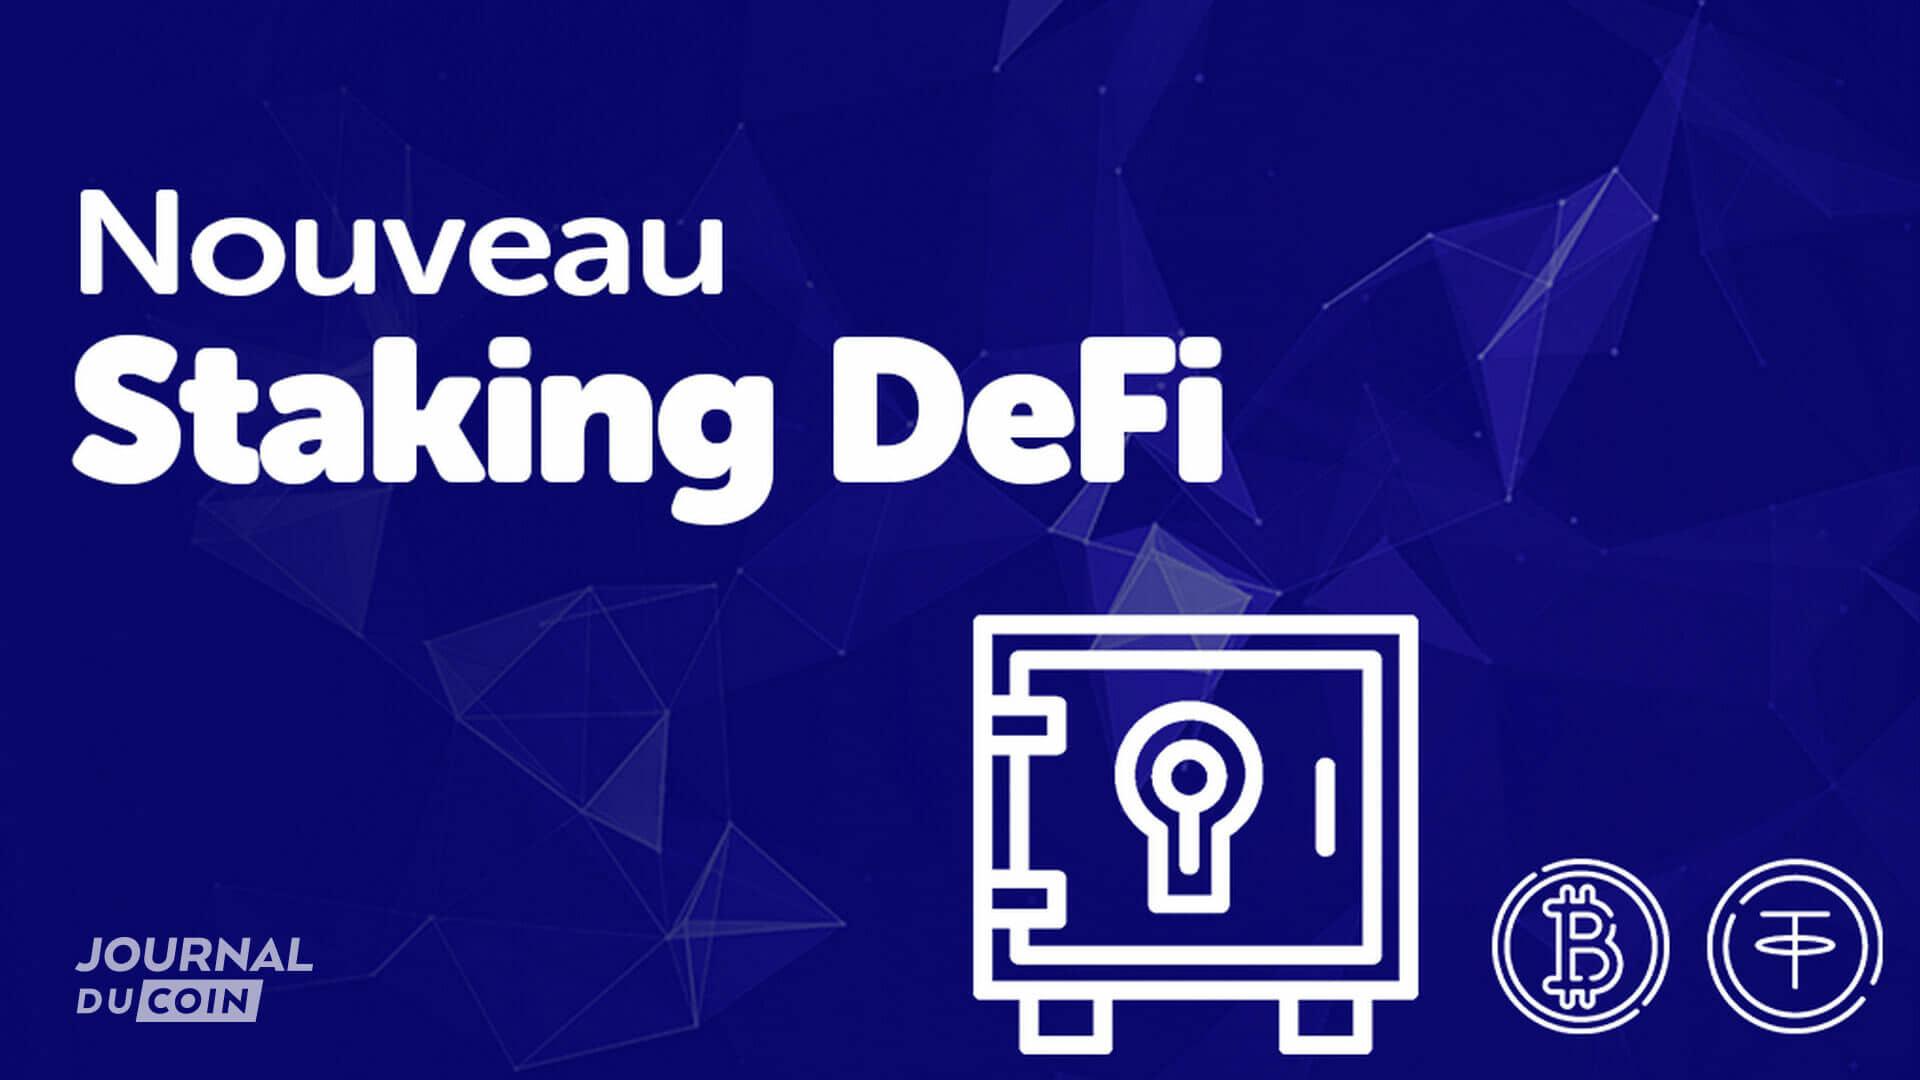 Staking DeFi, l'offre exceptionnelle qui fait exploser vos rendements Bitcoin et USDT !